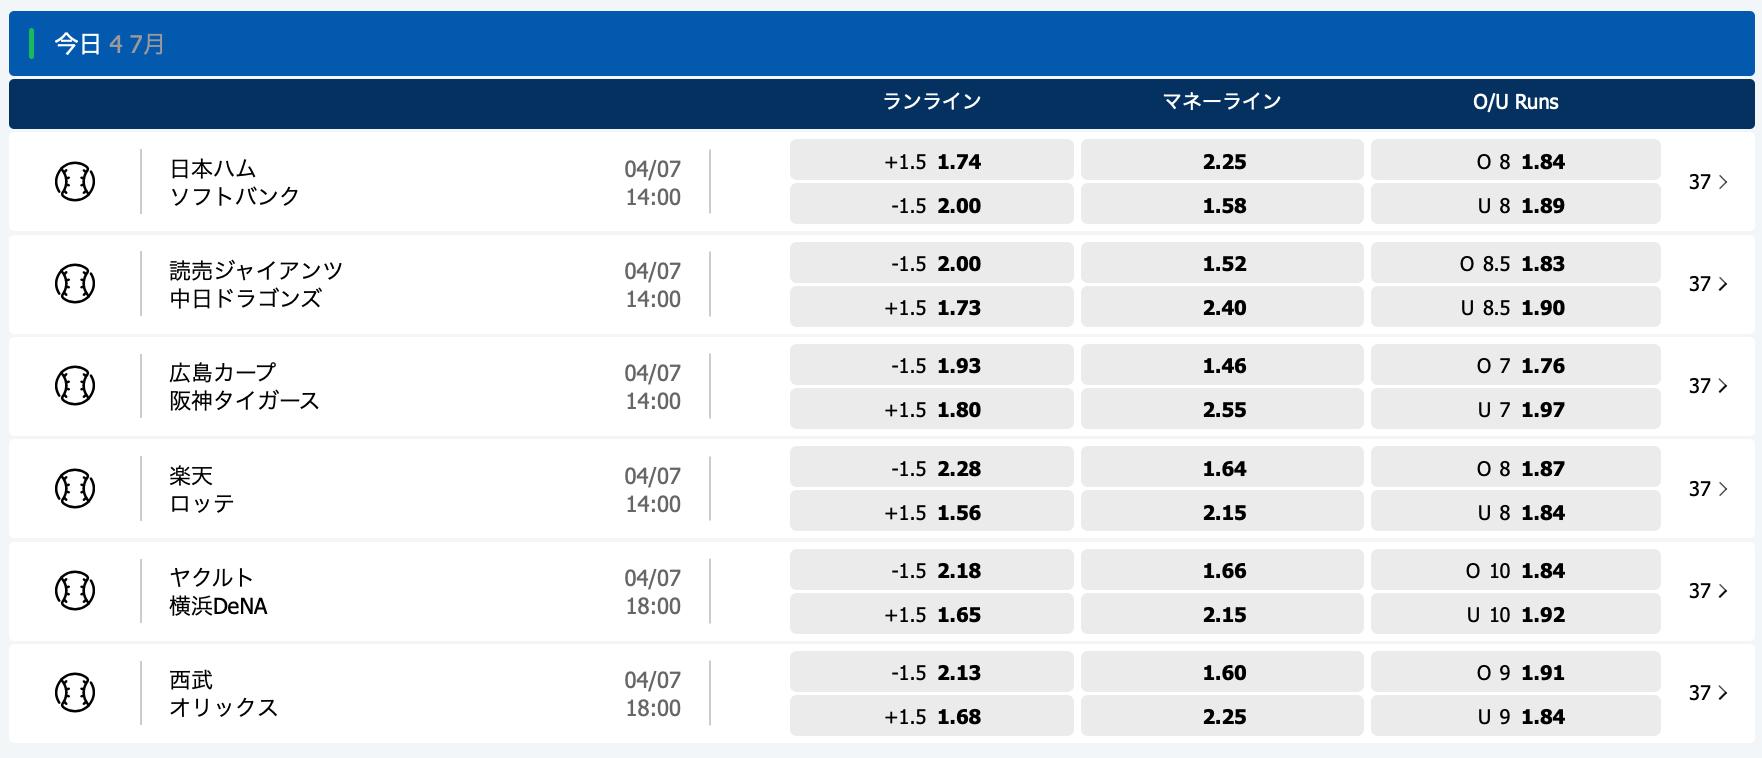 2020.7.4 プロ野球オッズ・10bet Japan